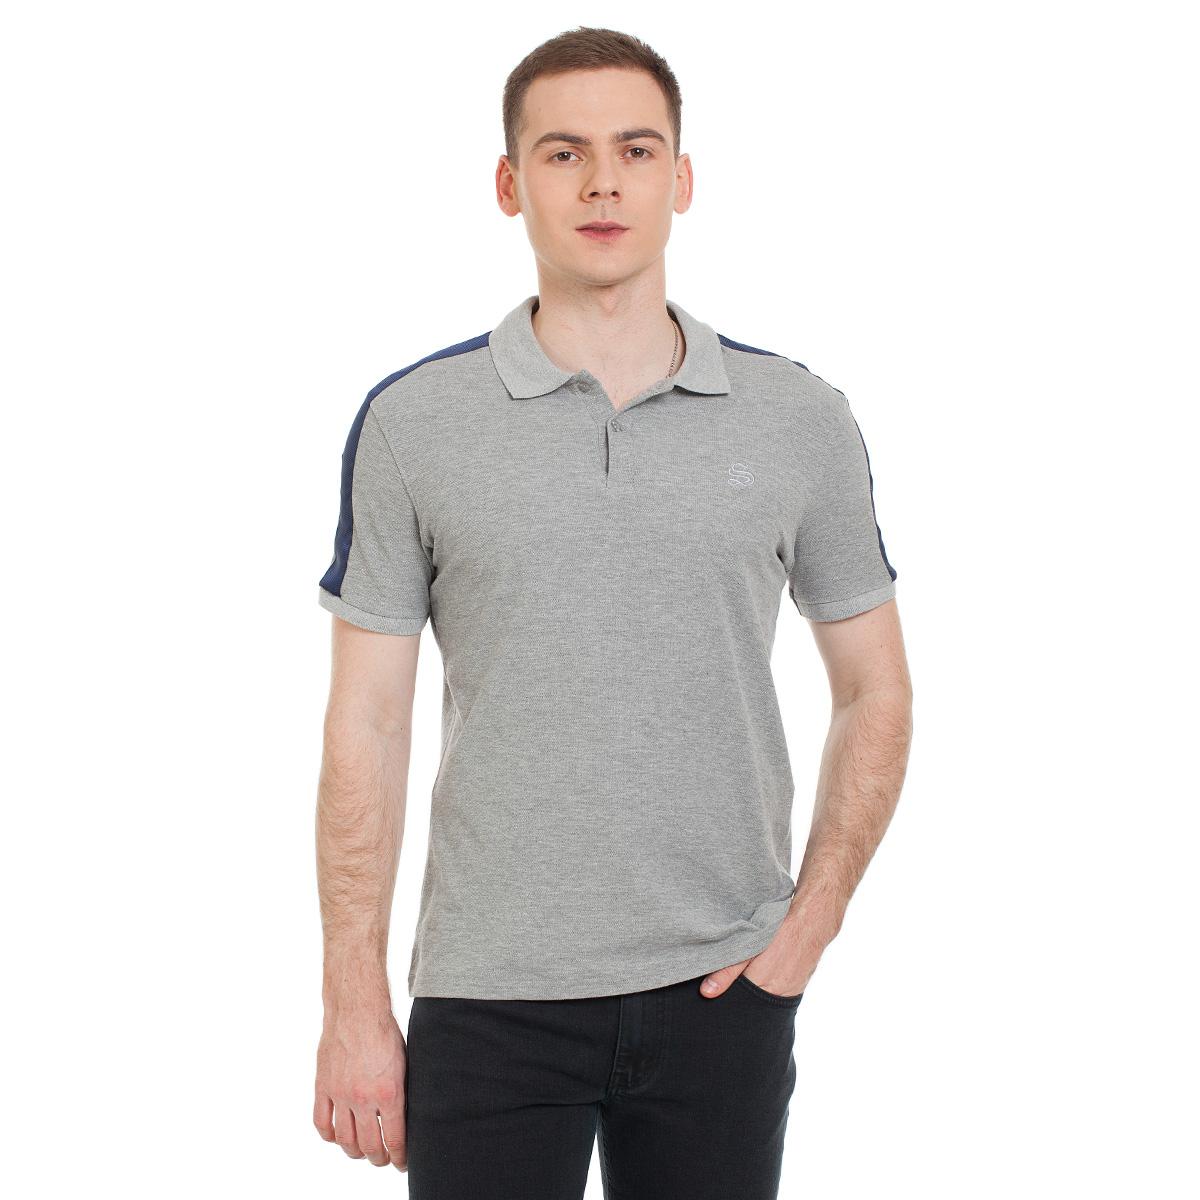 Рубашка поло Sevenext, MR-20-11 рубашка поло sevenext mr 20 11